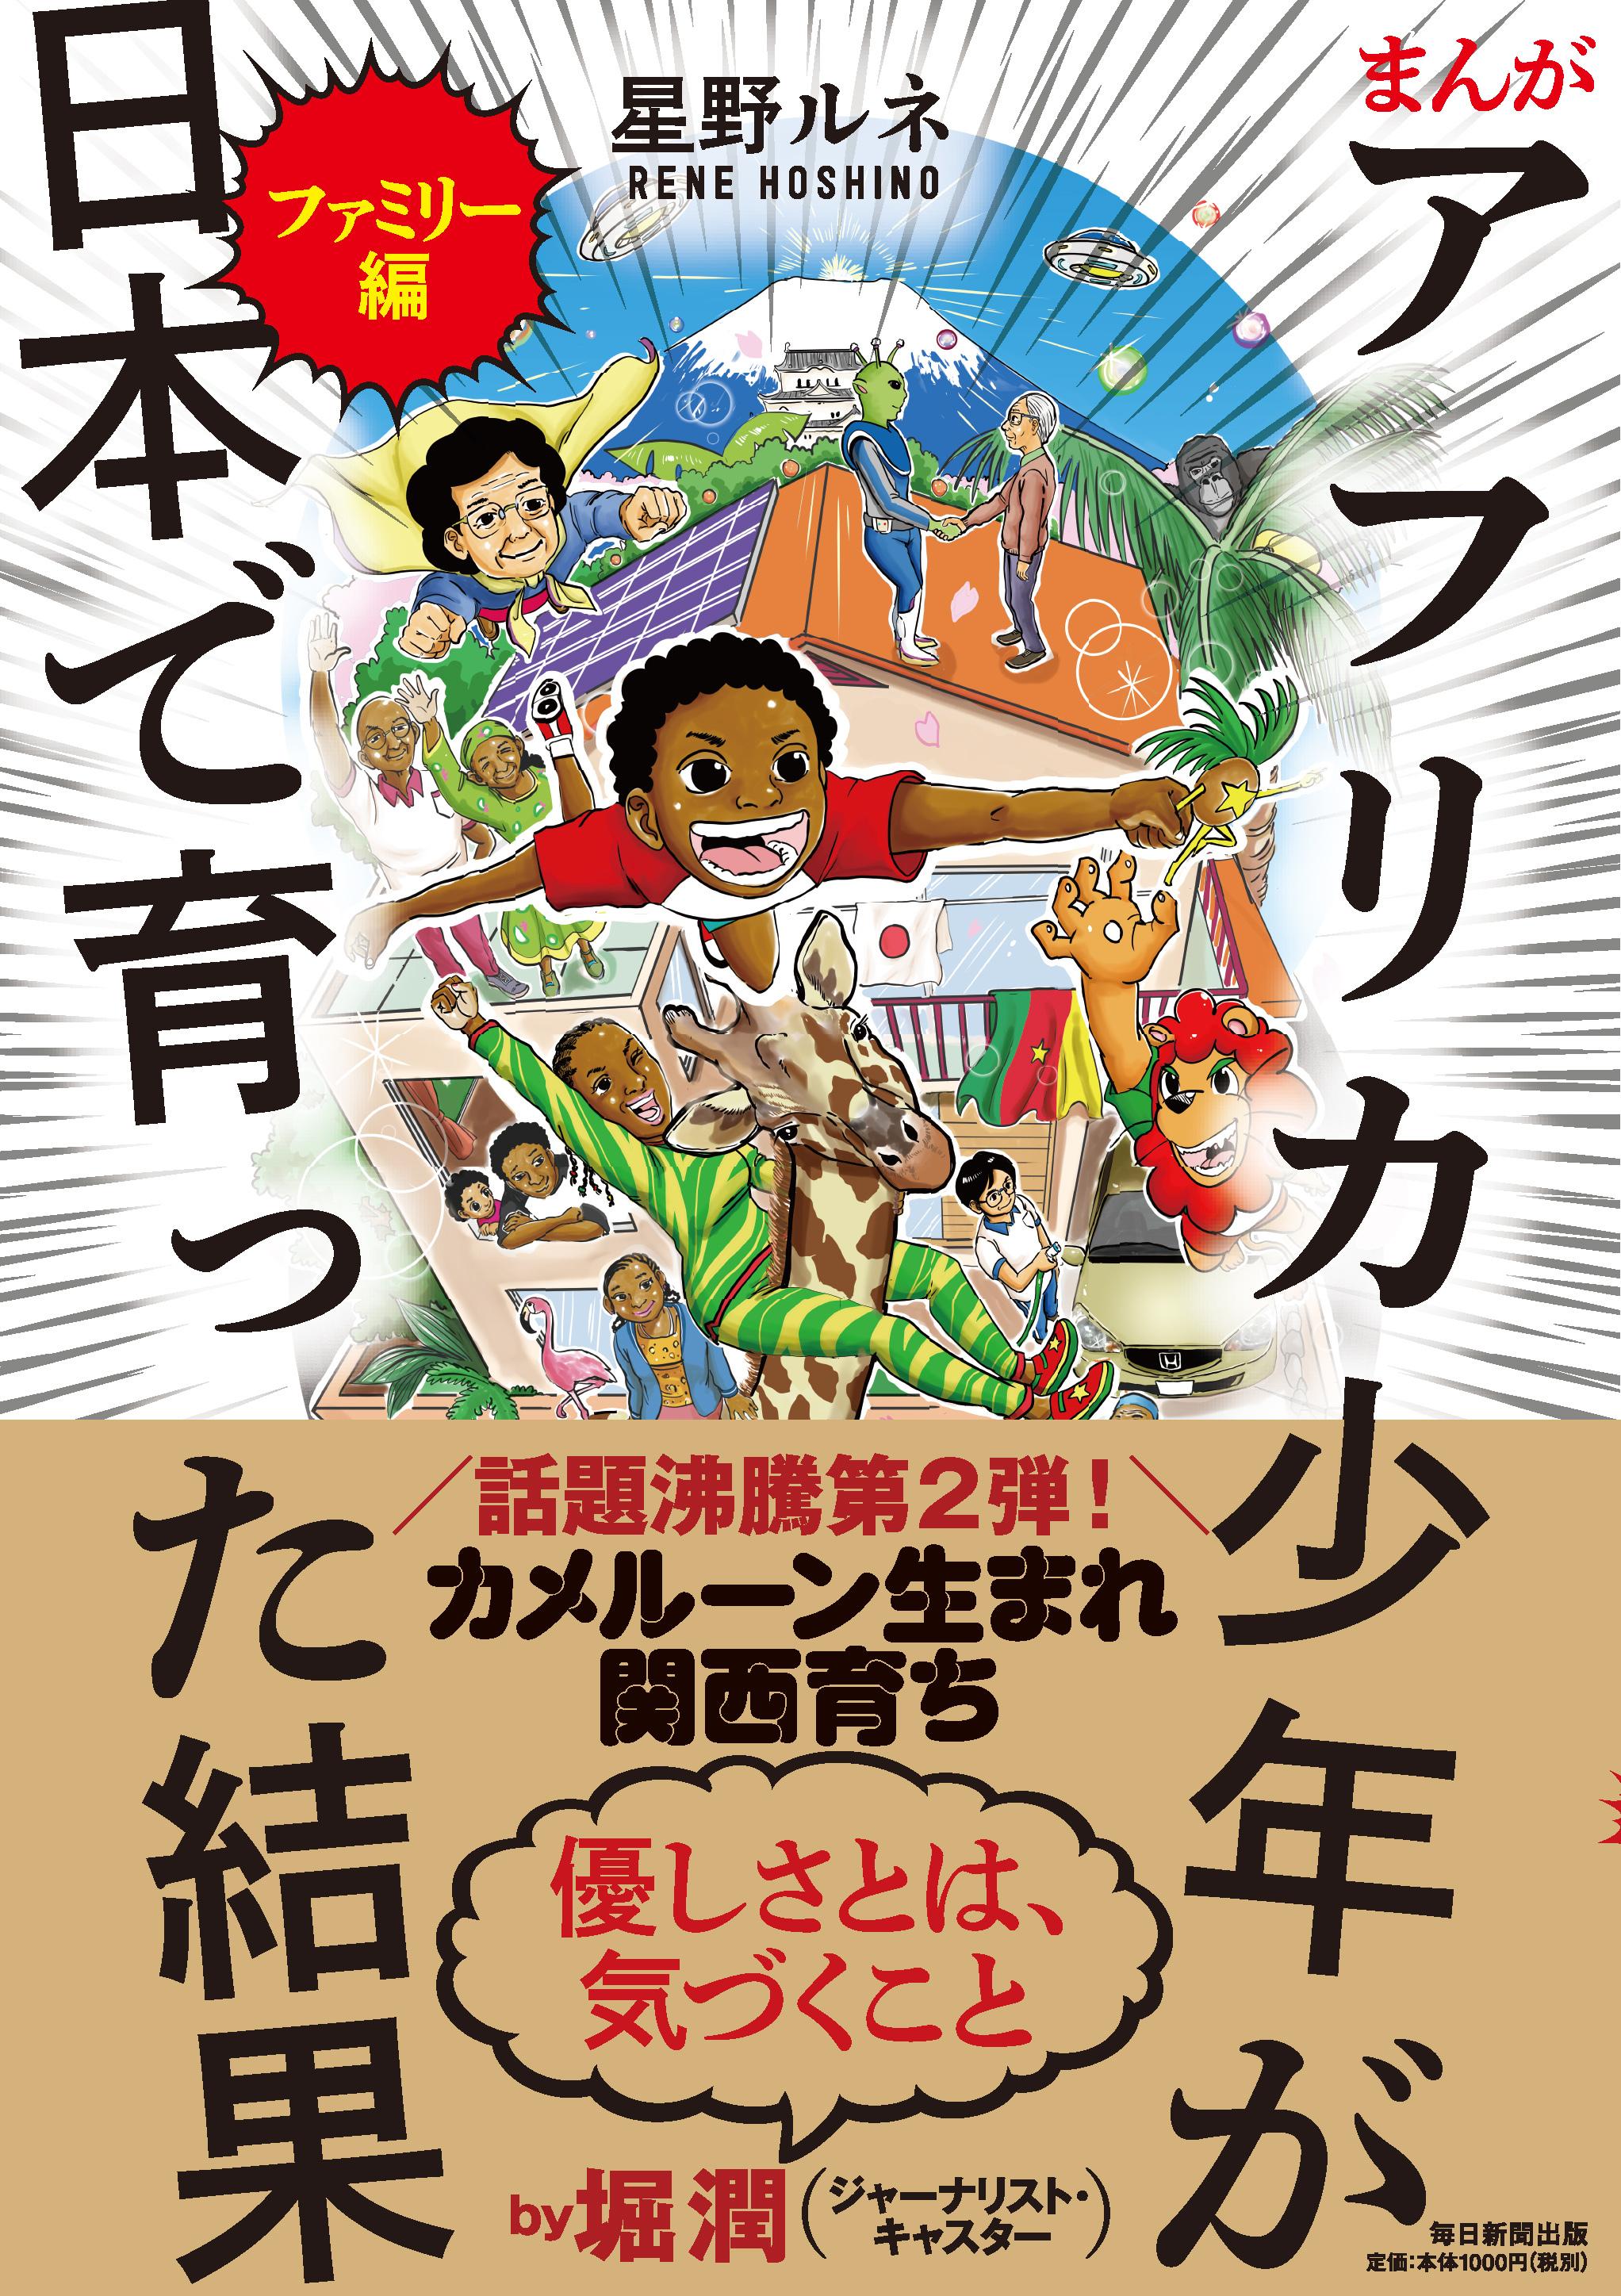 書影:まんが アフリカ少年が日本で育った結果 ファミリー編